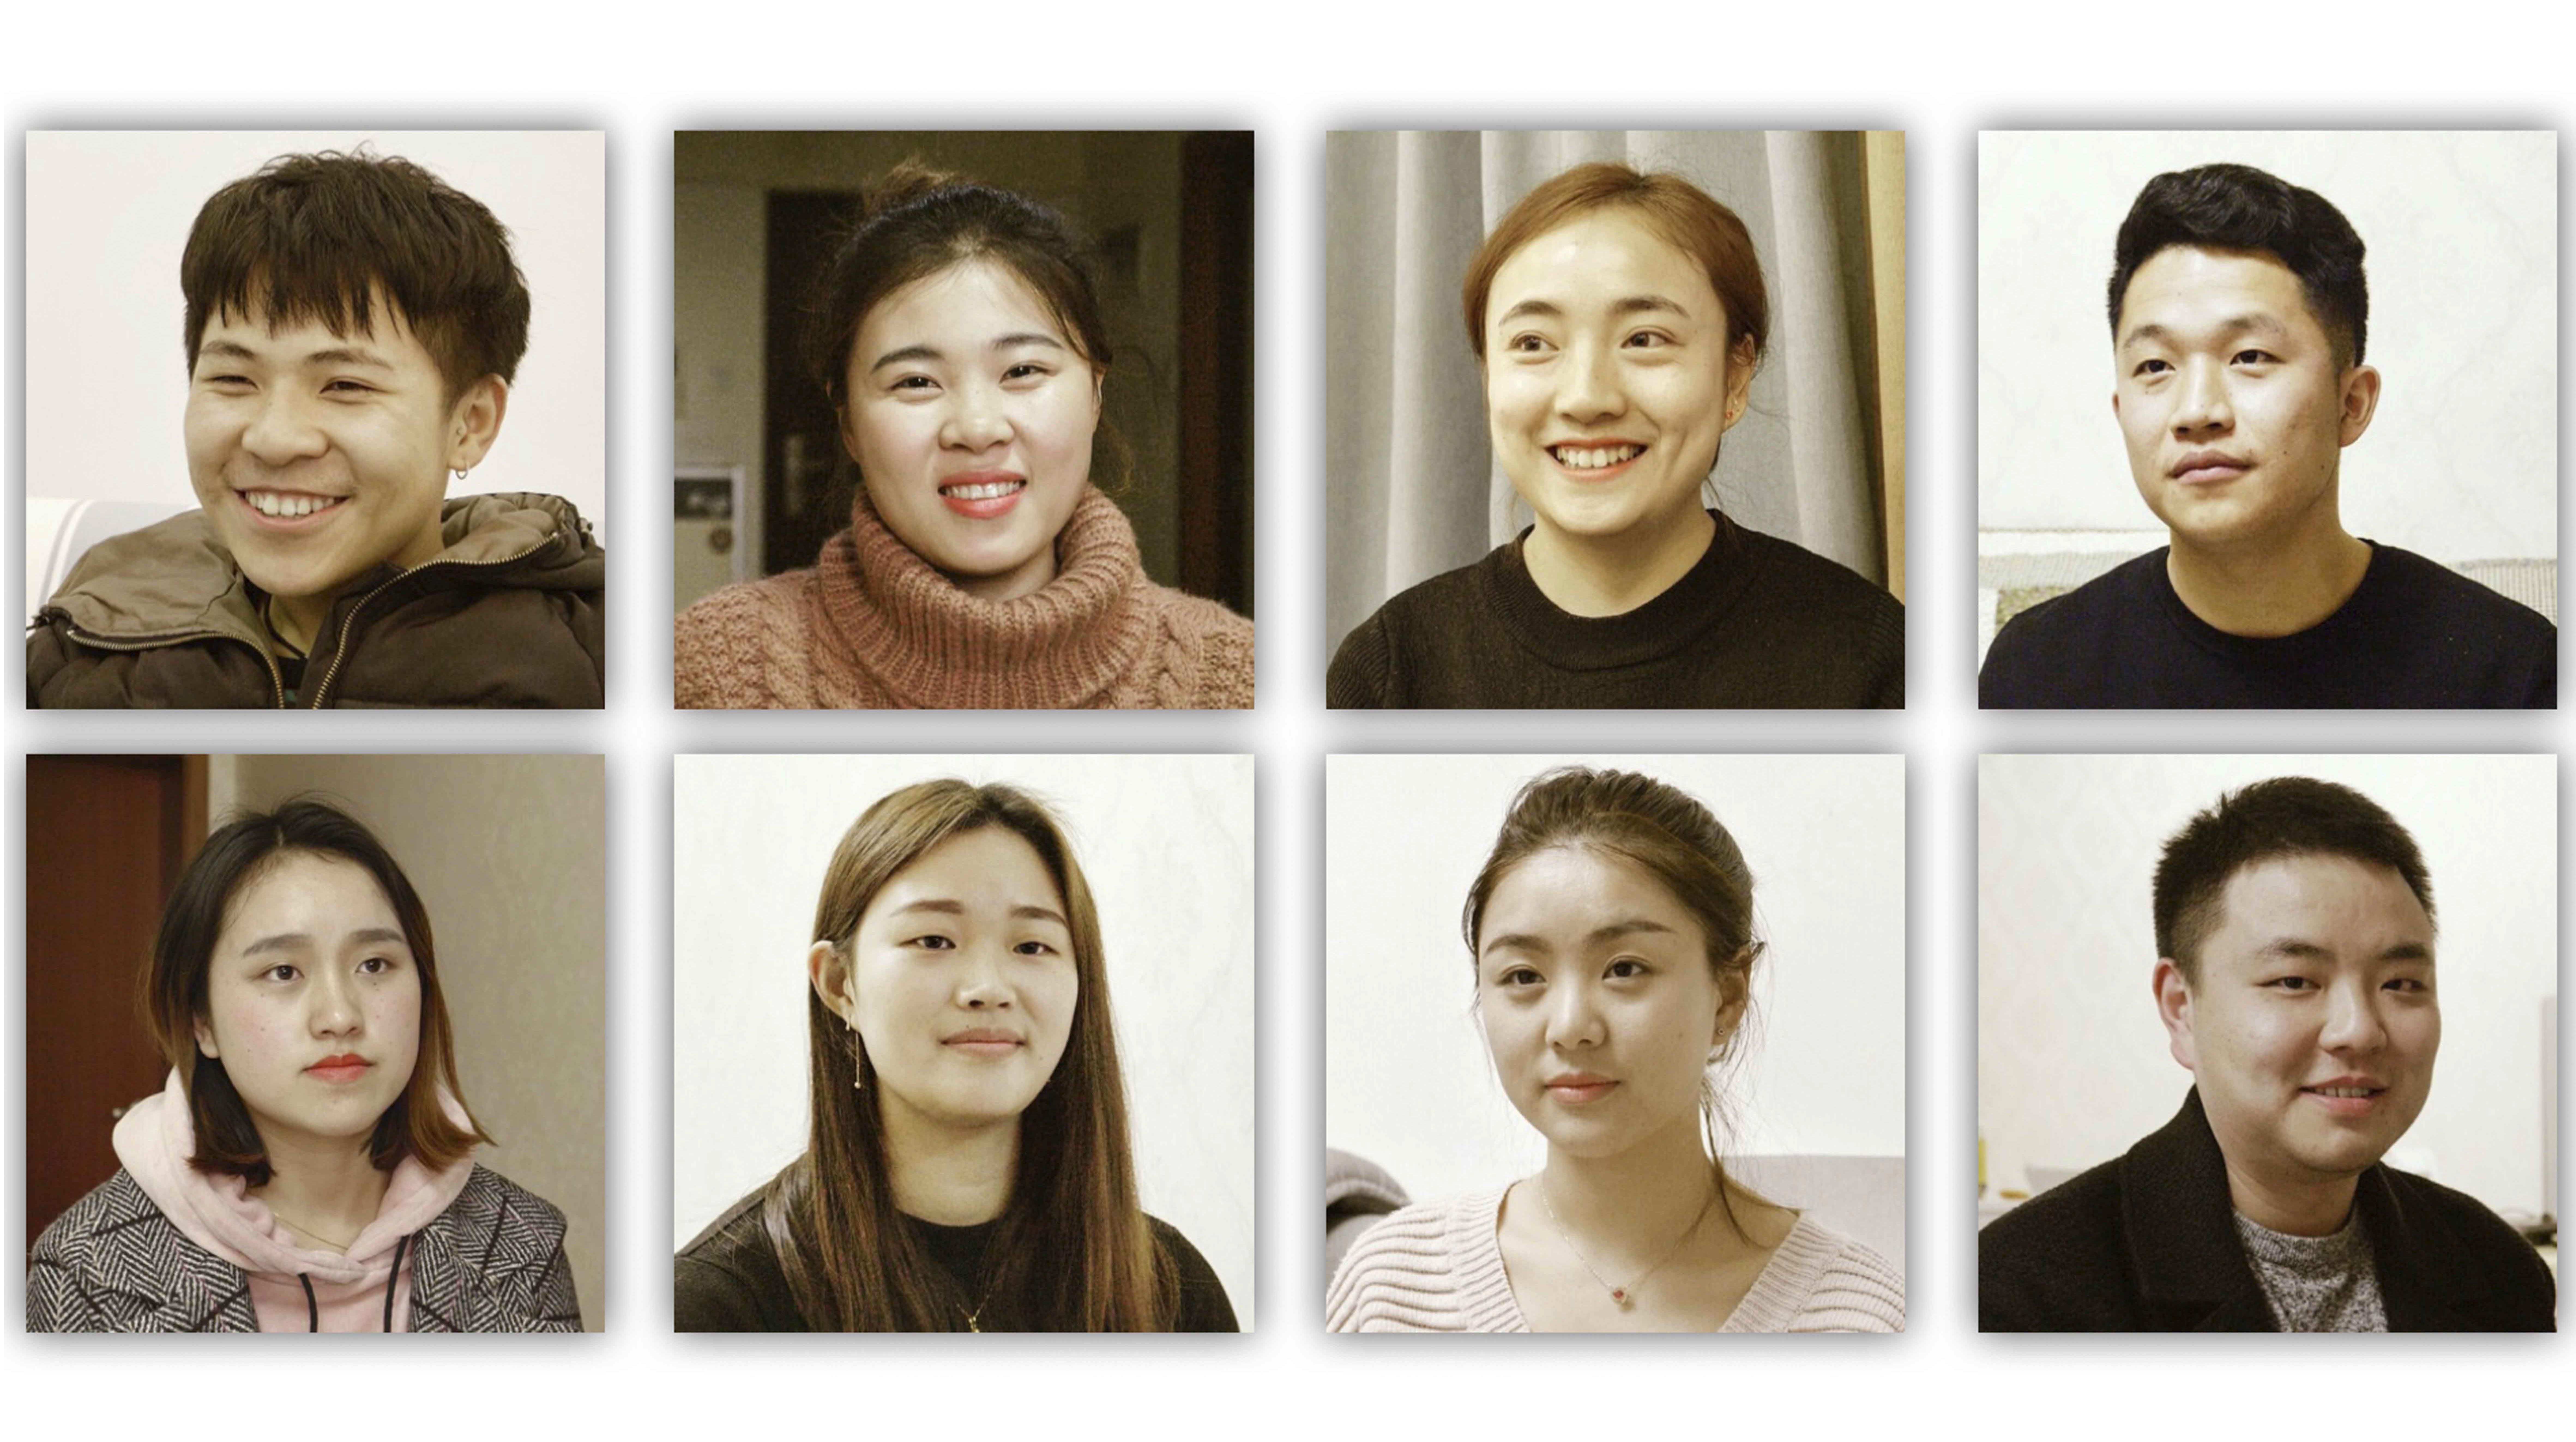 北川中学初三(四)班全部幸存——他们的故事将被拍成电影